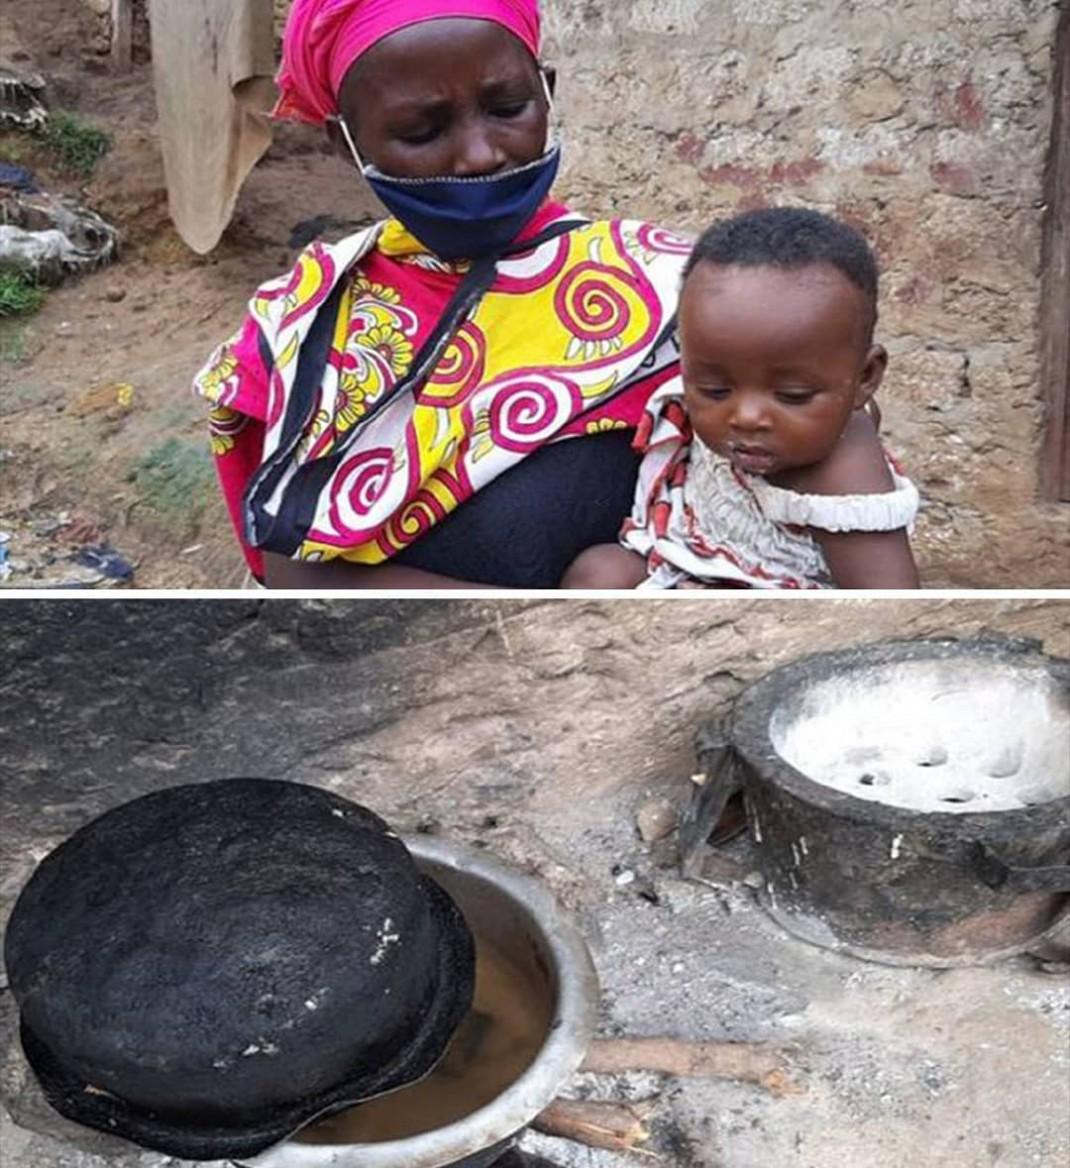 Бедная женщина из Кении вынуждена готовить камни своим детям, надеясь, что они заснут в ожидании еды (с)</p><p>